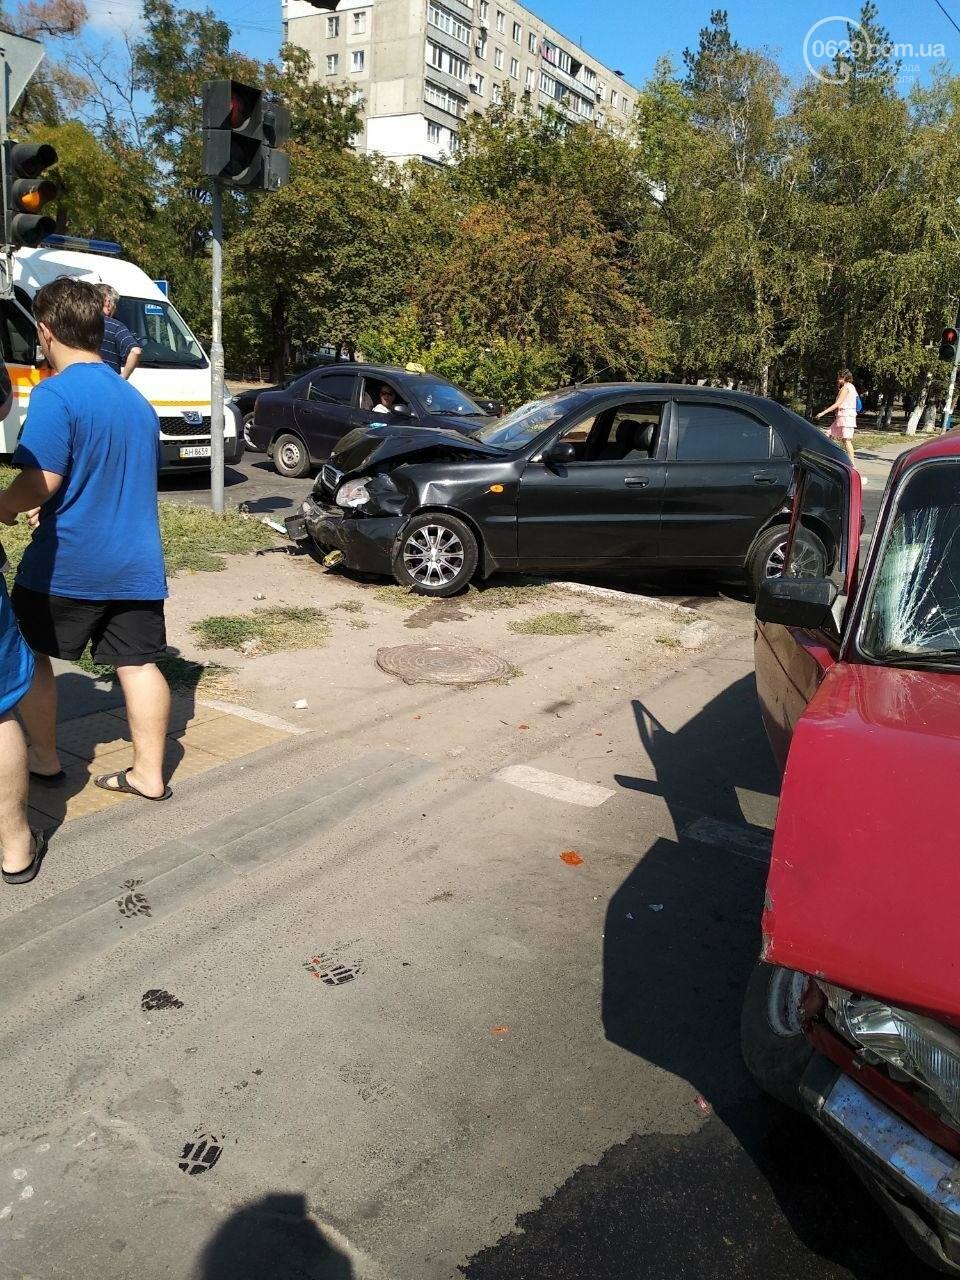 В Мариуполе в ДТП пострадала женщина, - ФОТО, фото-1